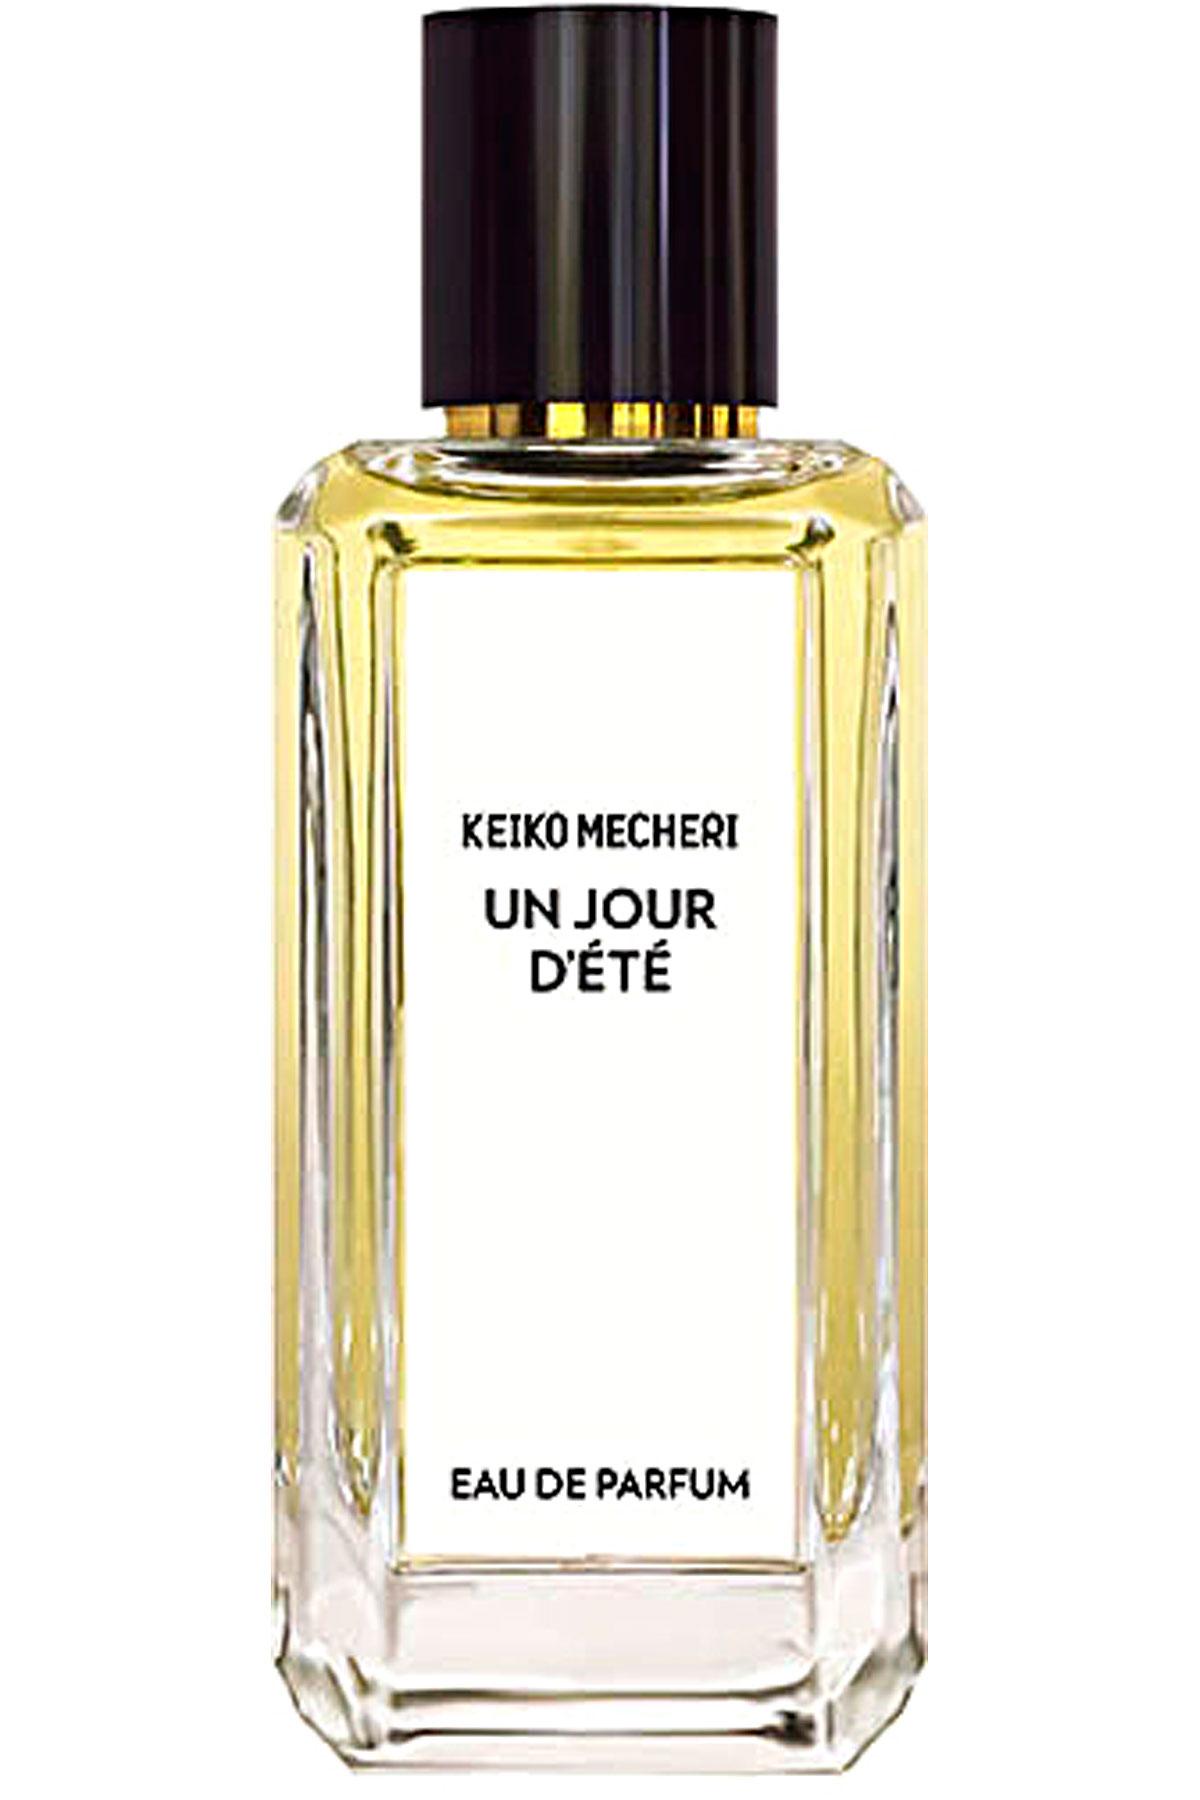 Keiko Mecheri Fragrances for Men, Un Jour D Ete - Eau De Parfum - 100 Ml, 2019, 100 ml